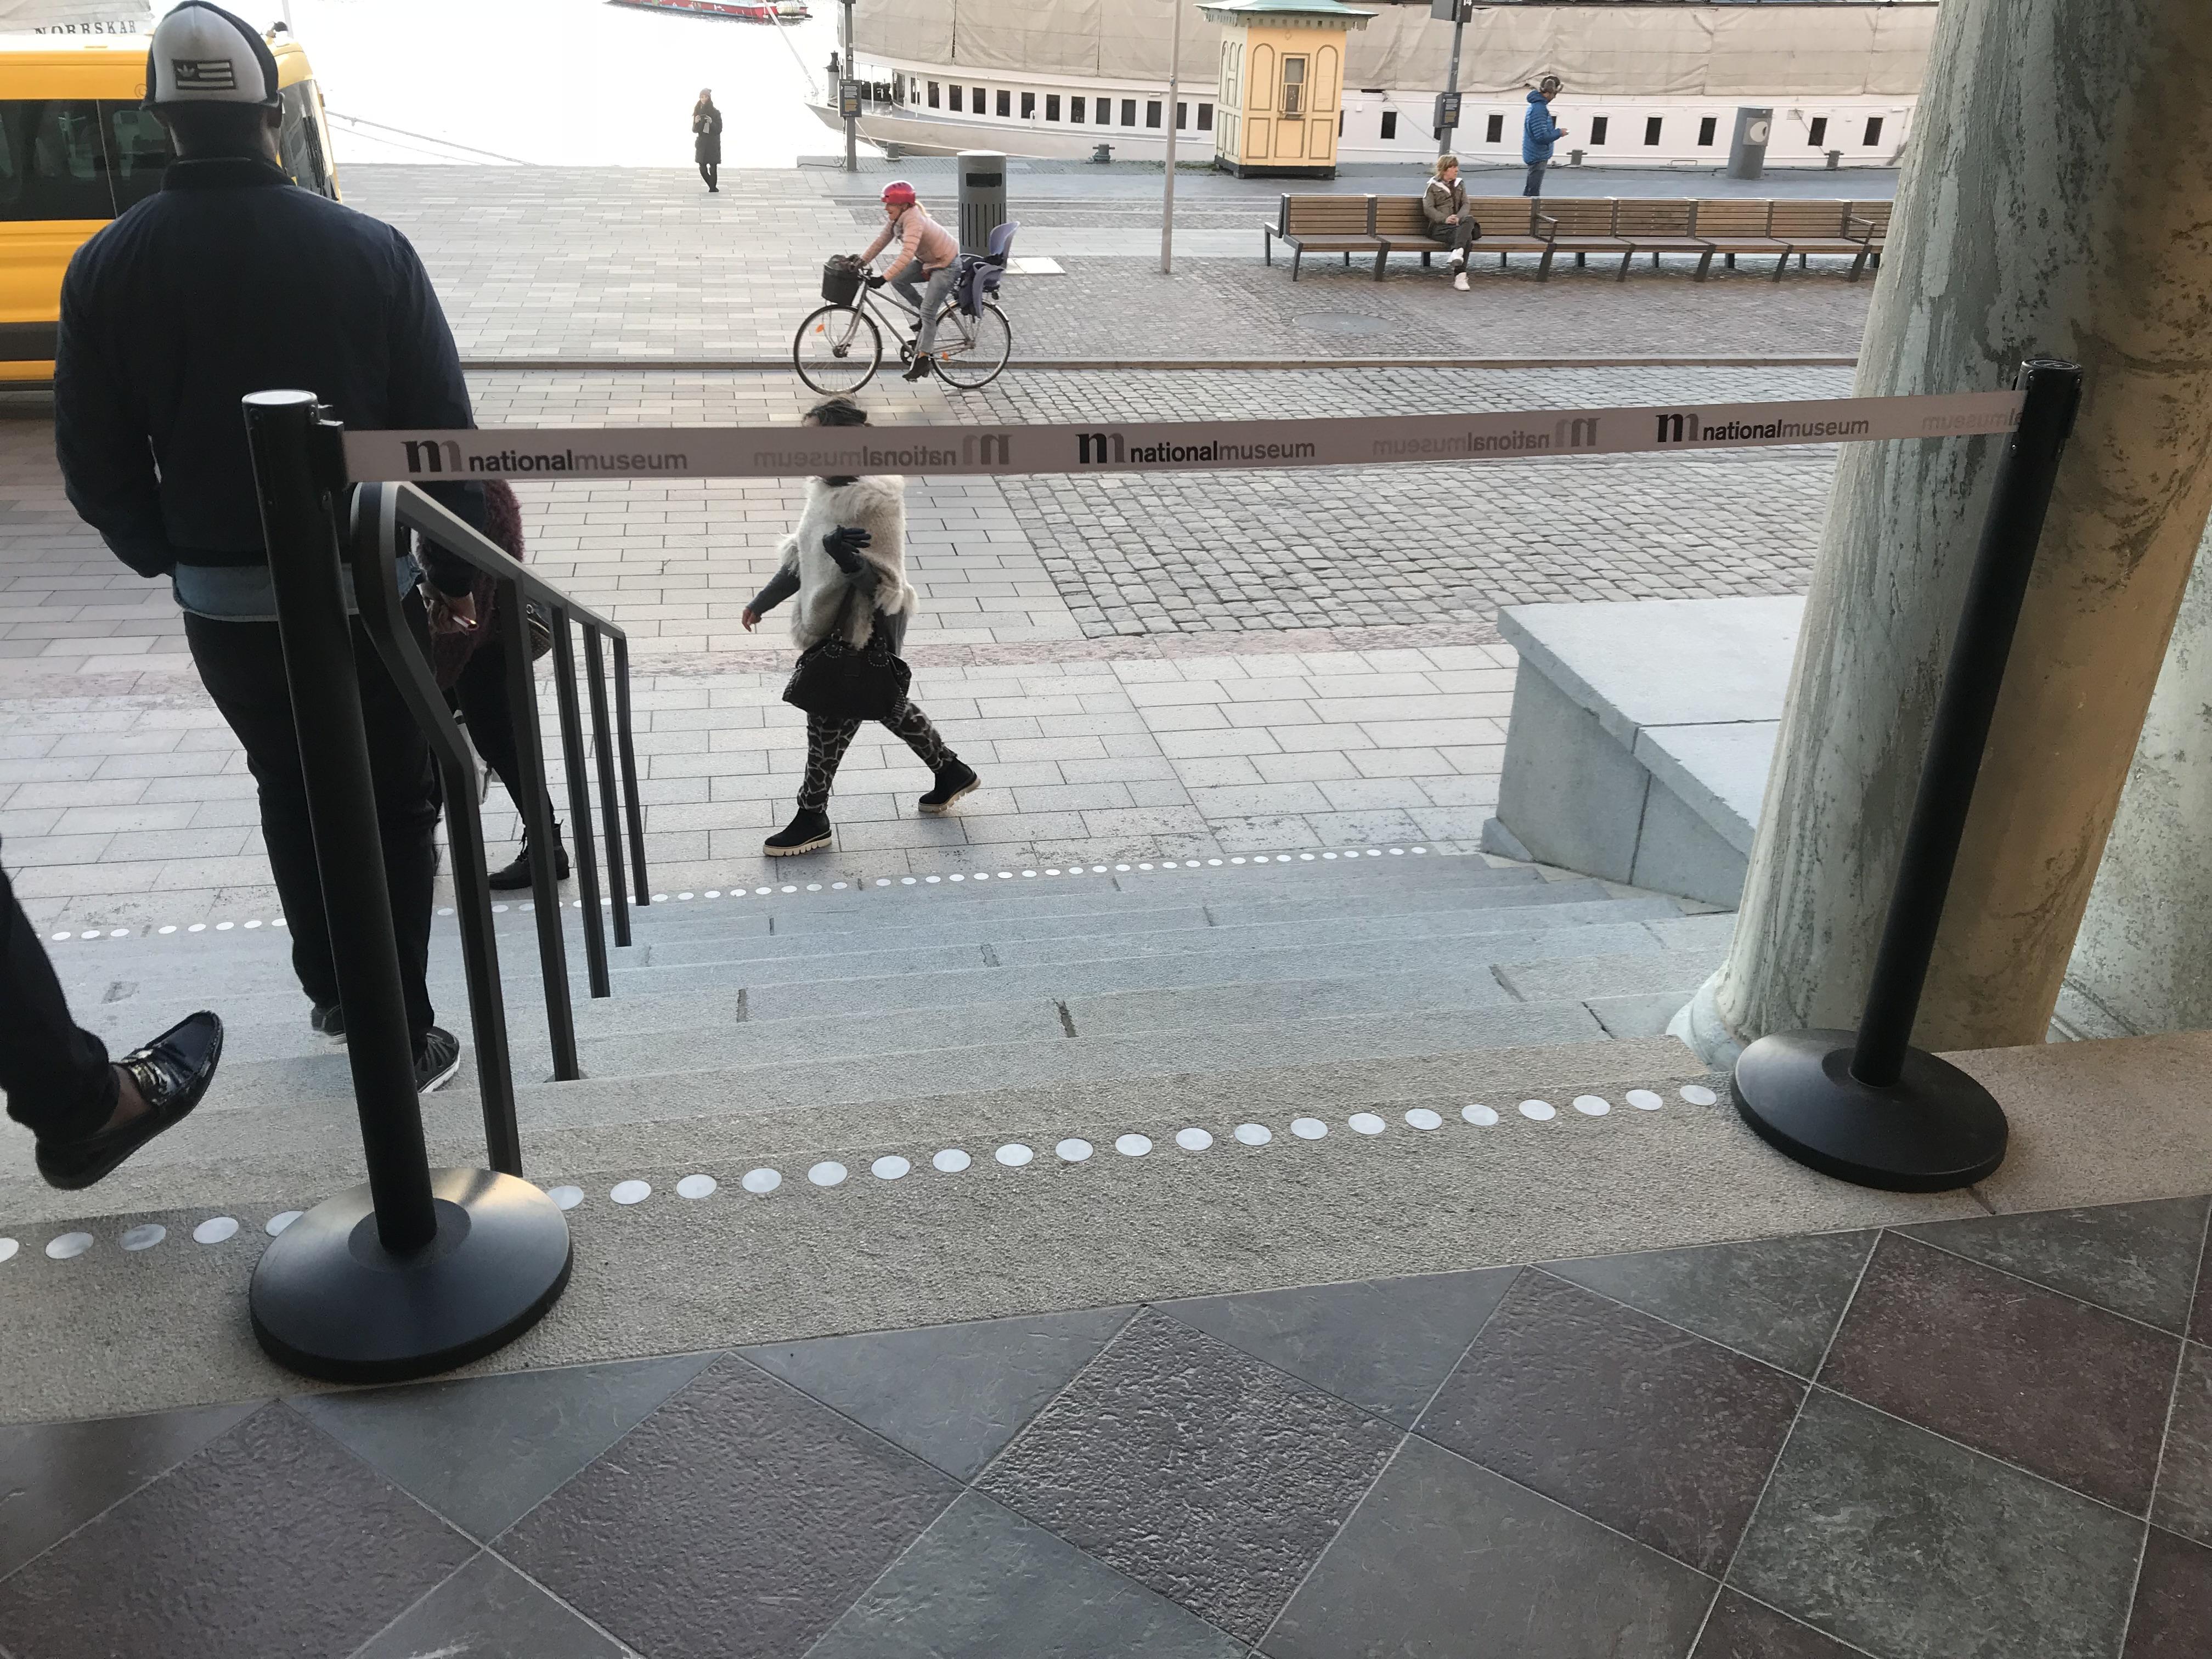 Avspärrningsstolpar med bandtryck till Nationalmuseum